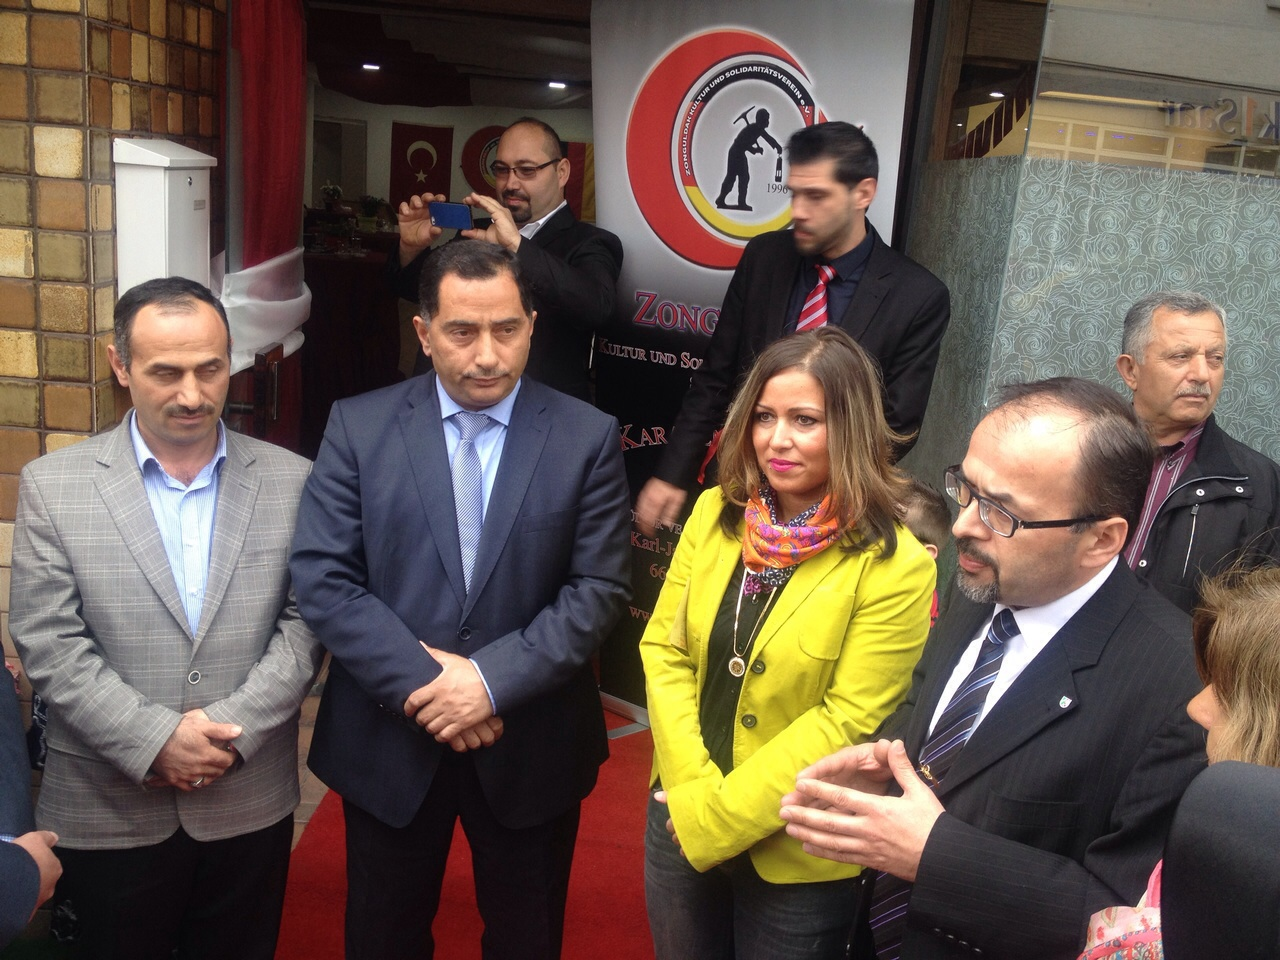 Avrupa Zonguldaklilar Dernegi Baskani Mehmet Karakulak Karaelmaslilar Derneginin Kurulusu konusunda misafirlere bilgi verirken.